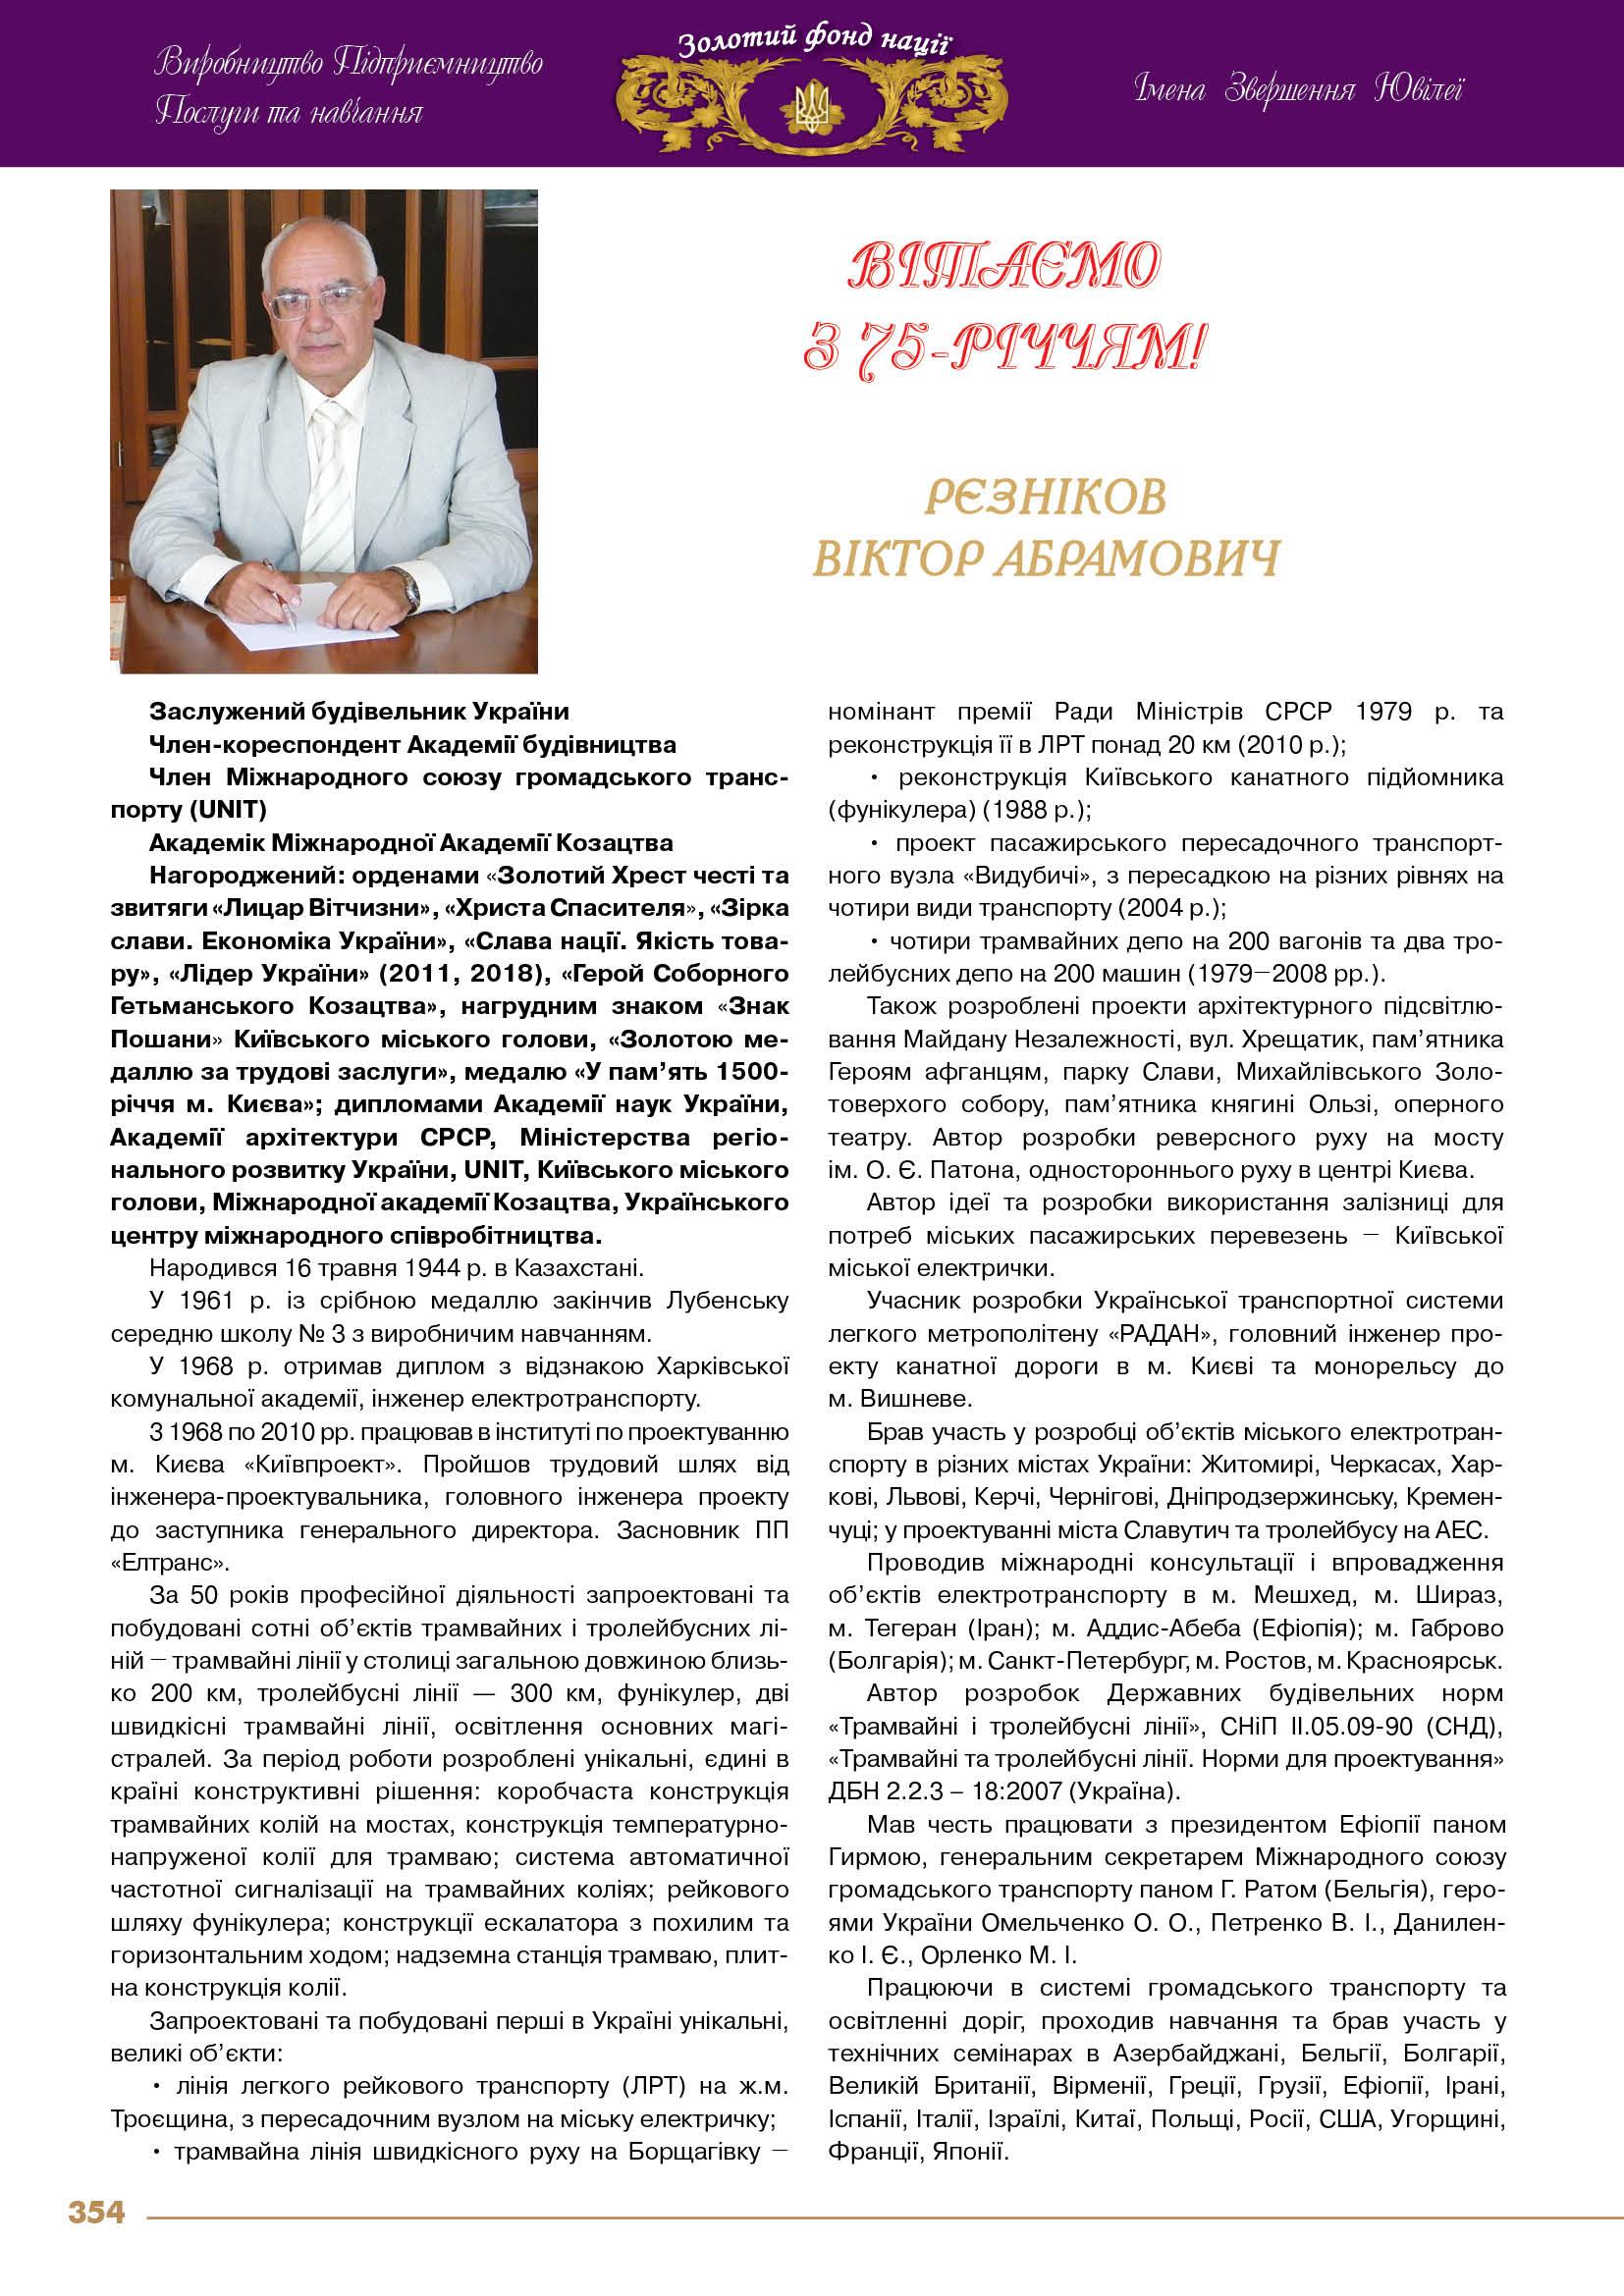 Рєзніков  Віктор Абрамович